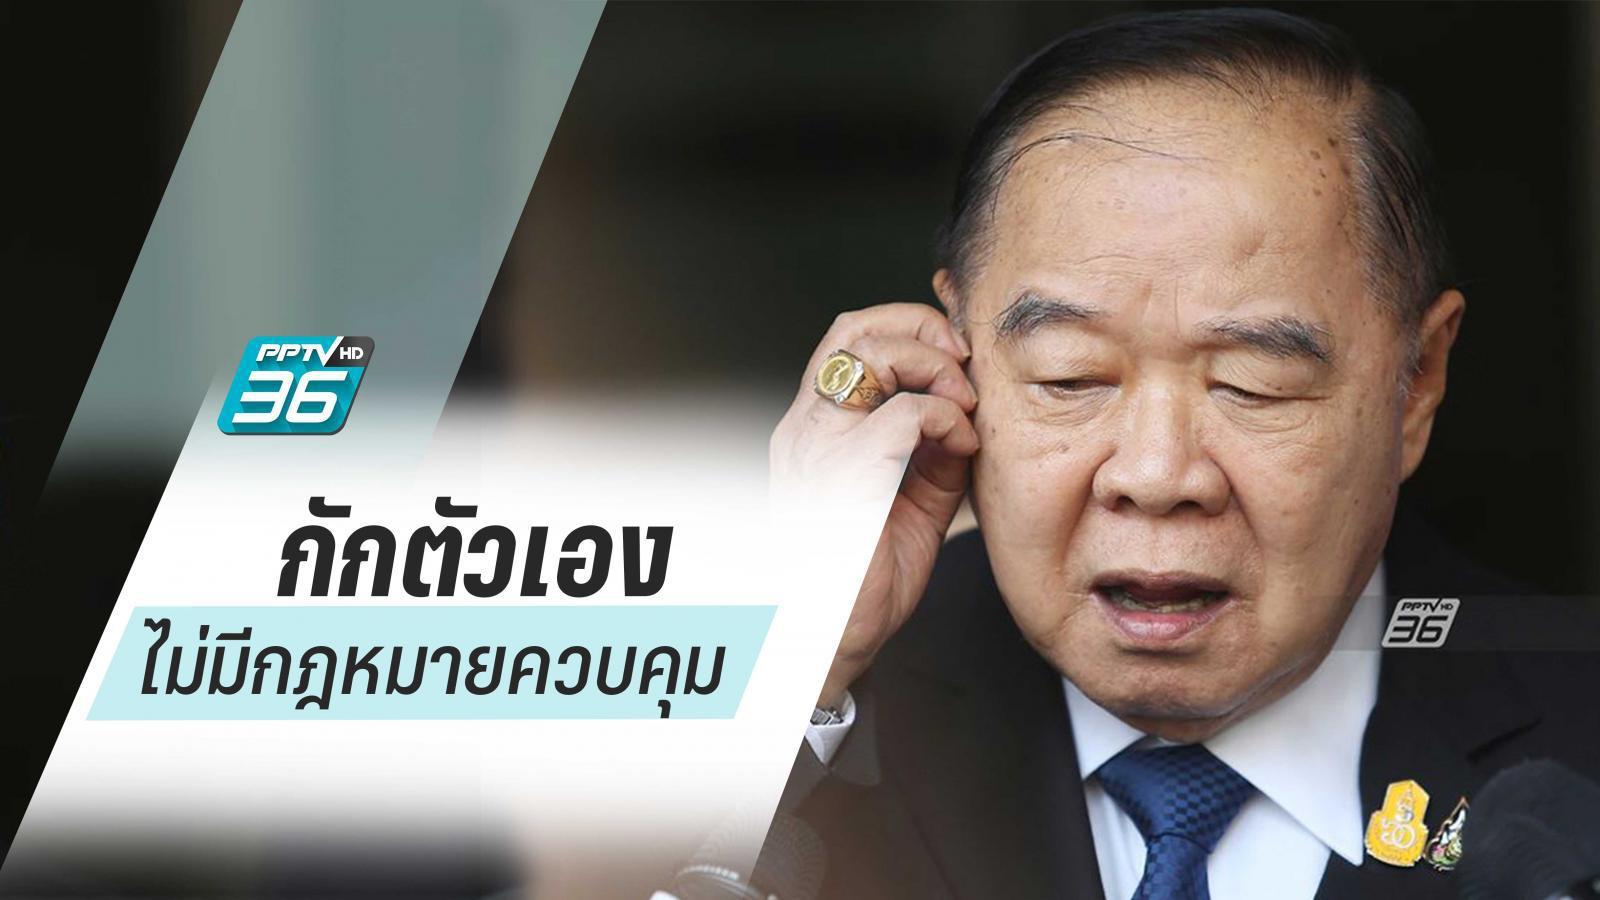 """""""บิ๊กป้อม"""" ชี้ ผีน้อย 5,000 คน กลับไทย ต้องกักตัวเอง รับไม่มีกฎหมายควบคุม"""